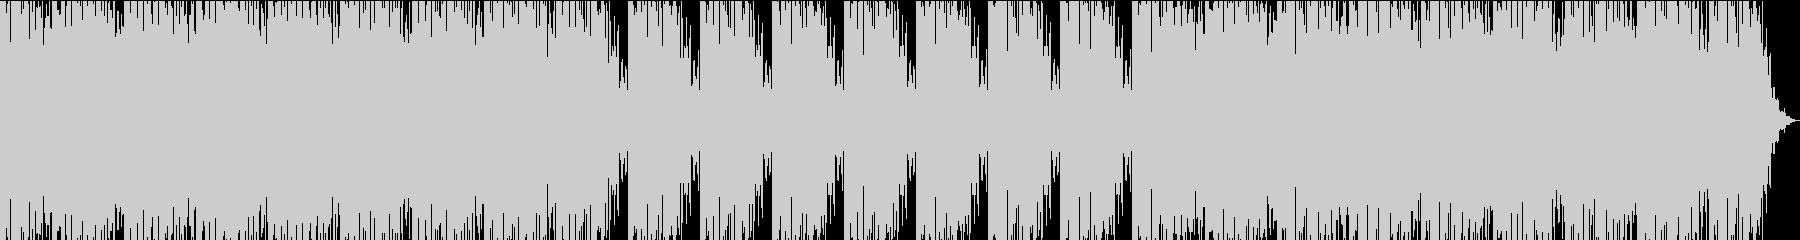 サウンドトラック-戦士-の未再生の波形